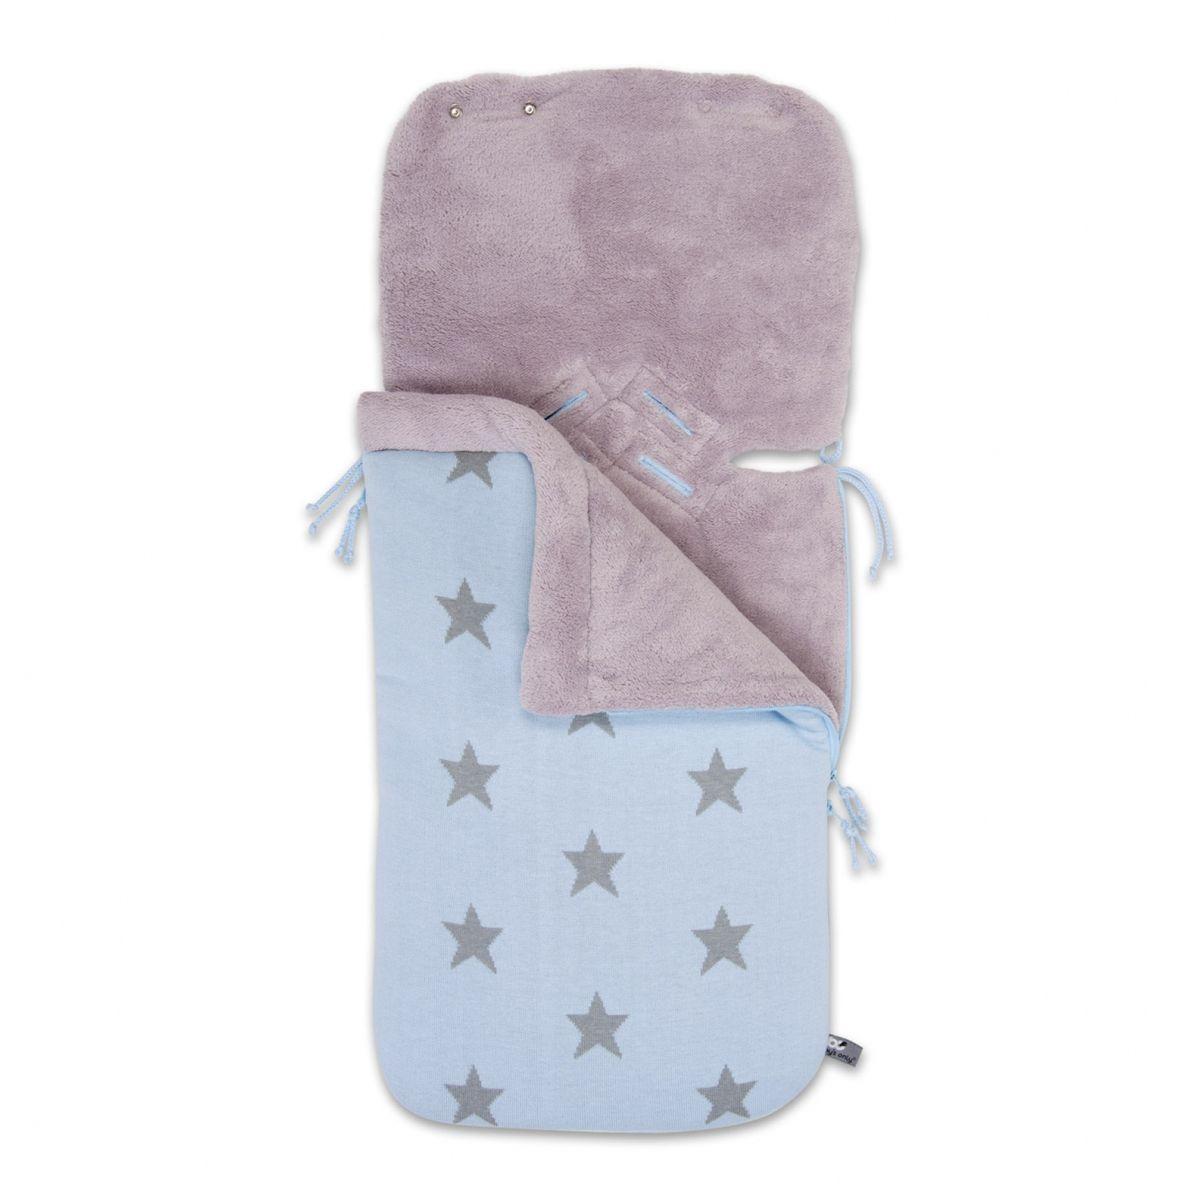 Baby Blue/Light Grey - Lämpöpussi turvakaukaloon - 333500210 - 8